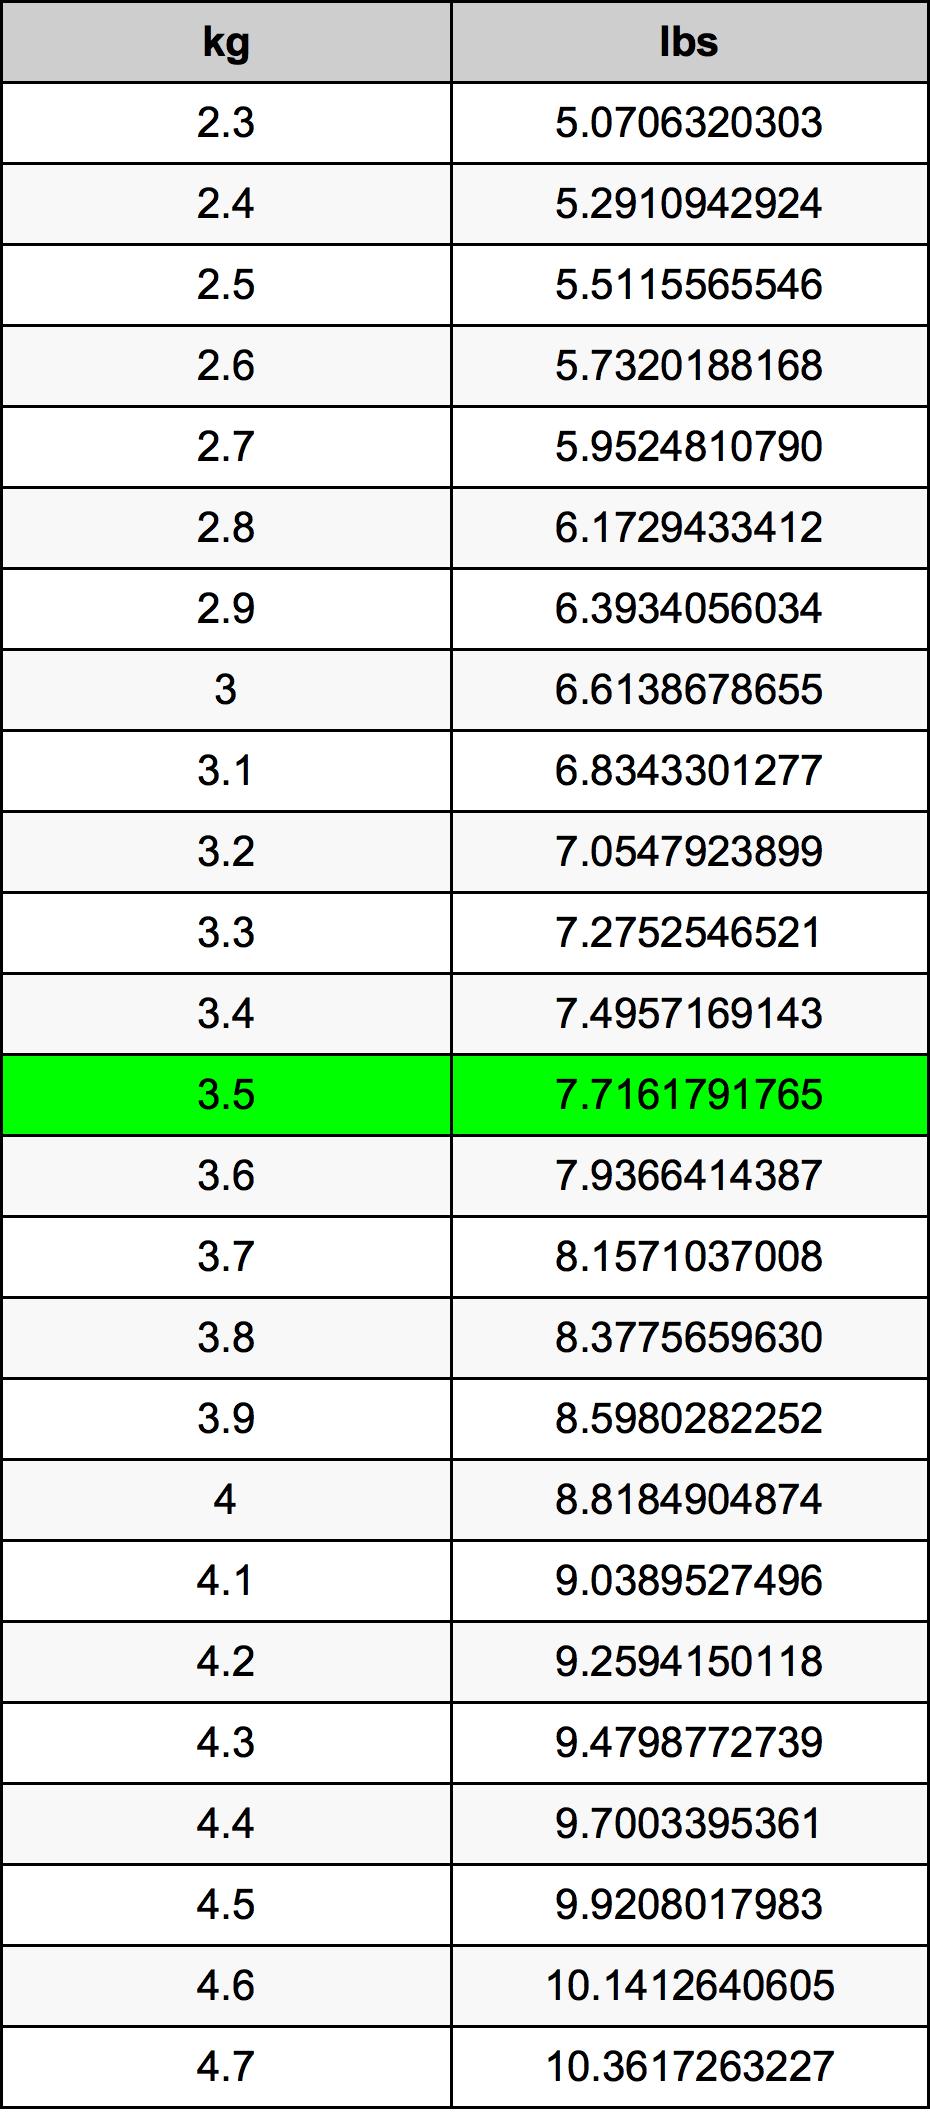 3.5キログラム換算表